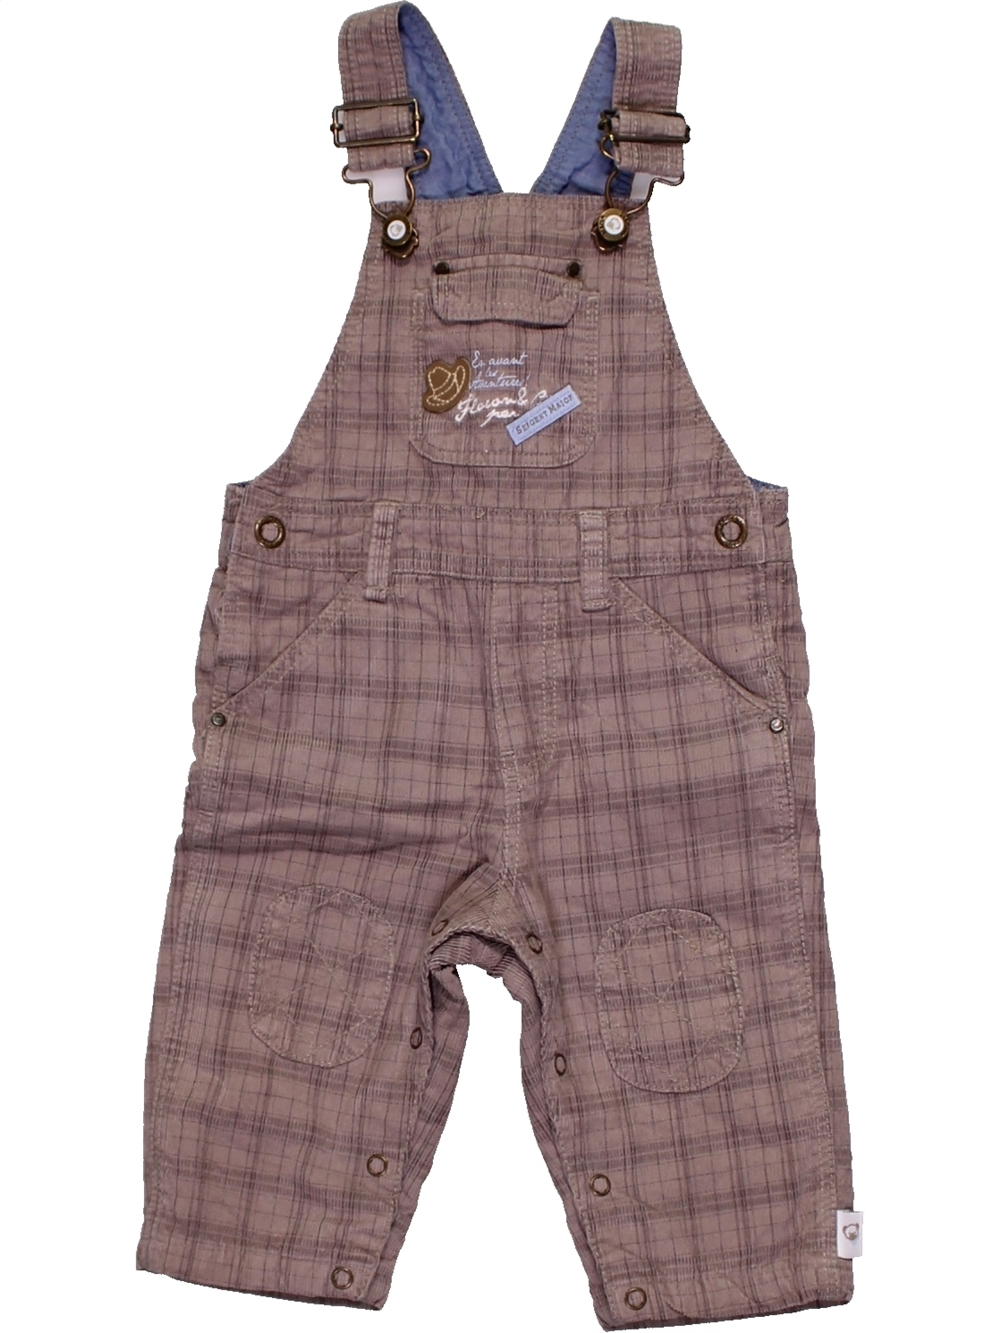 Salopette-bebe-garcon-SERGENT-MAJOR-6-mois-violet-hiver-vetement-bebe-1